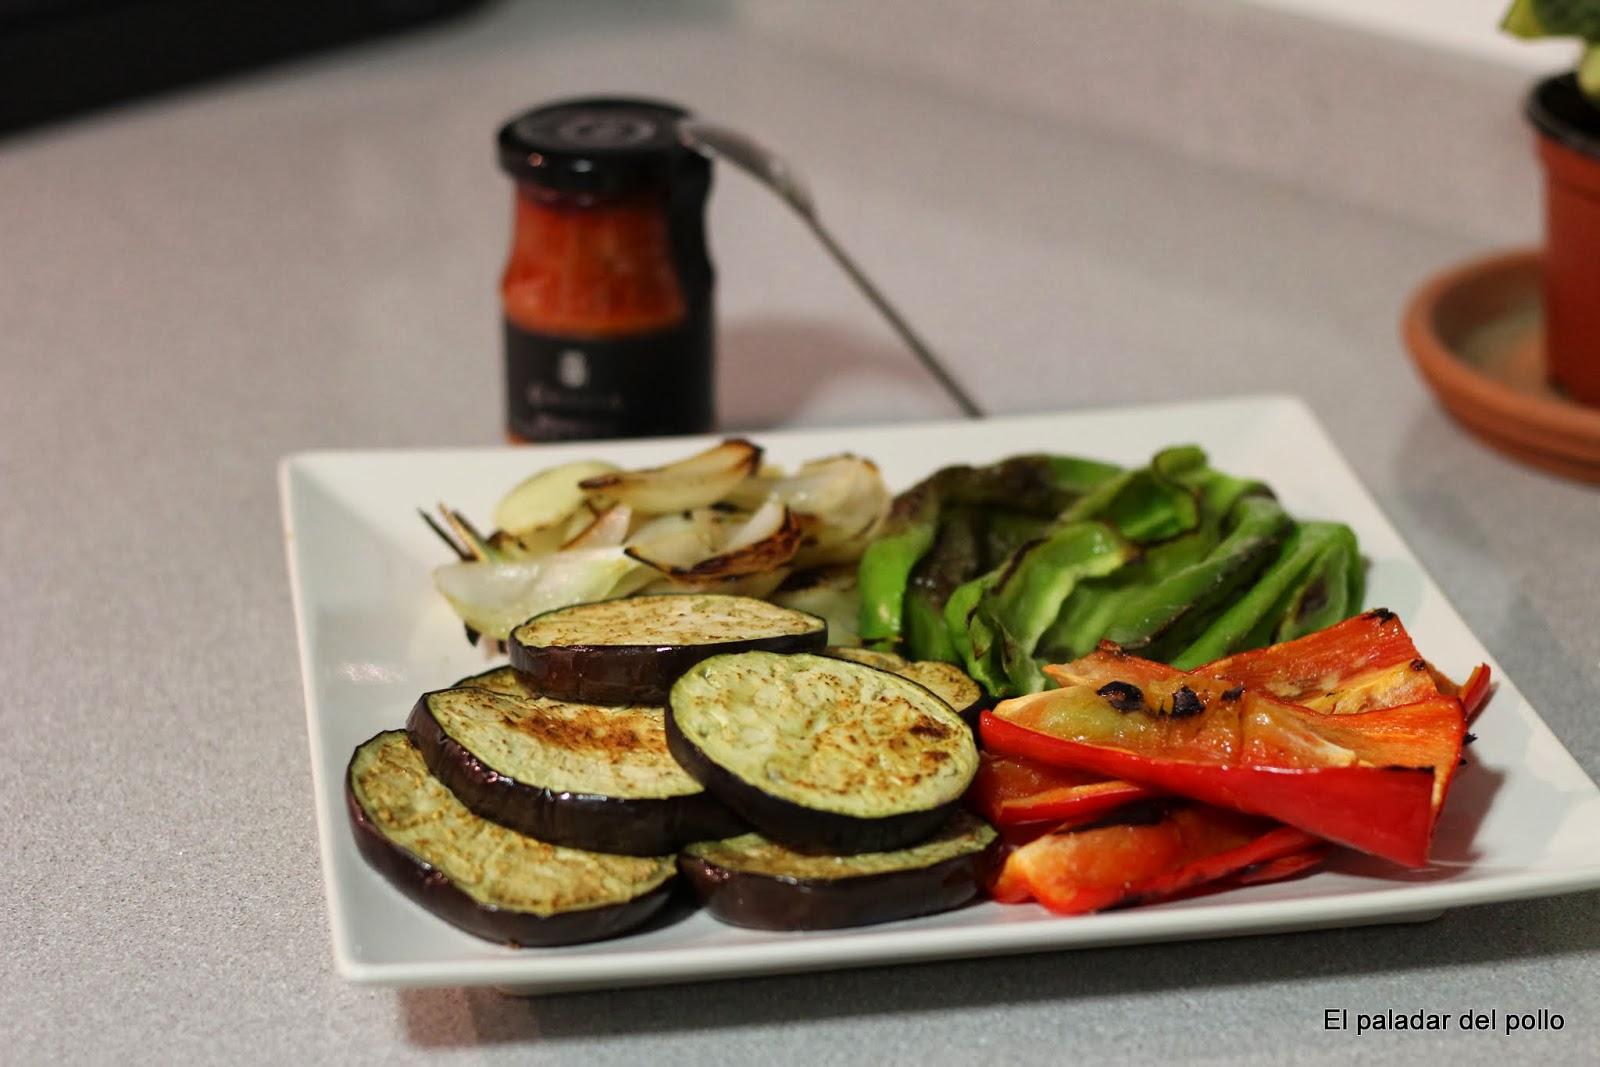 El paladar del pollo parrillada de verduras con salsa romesco for Parrillada verduras